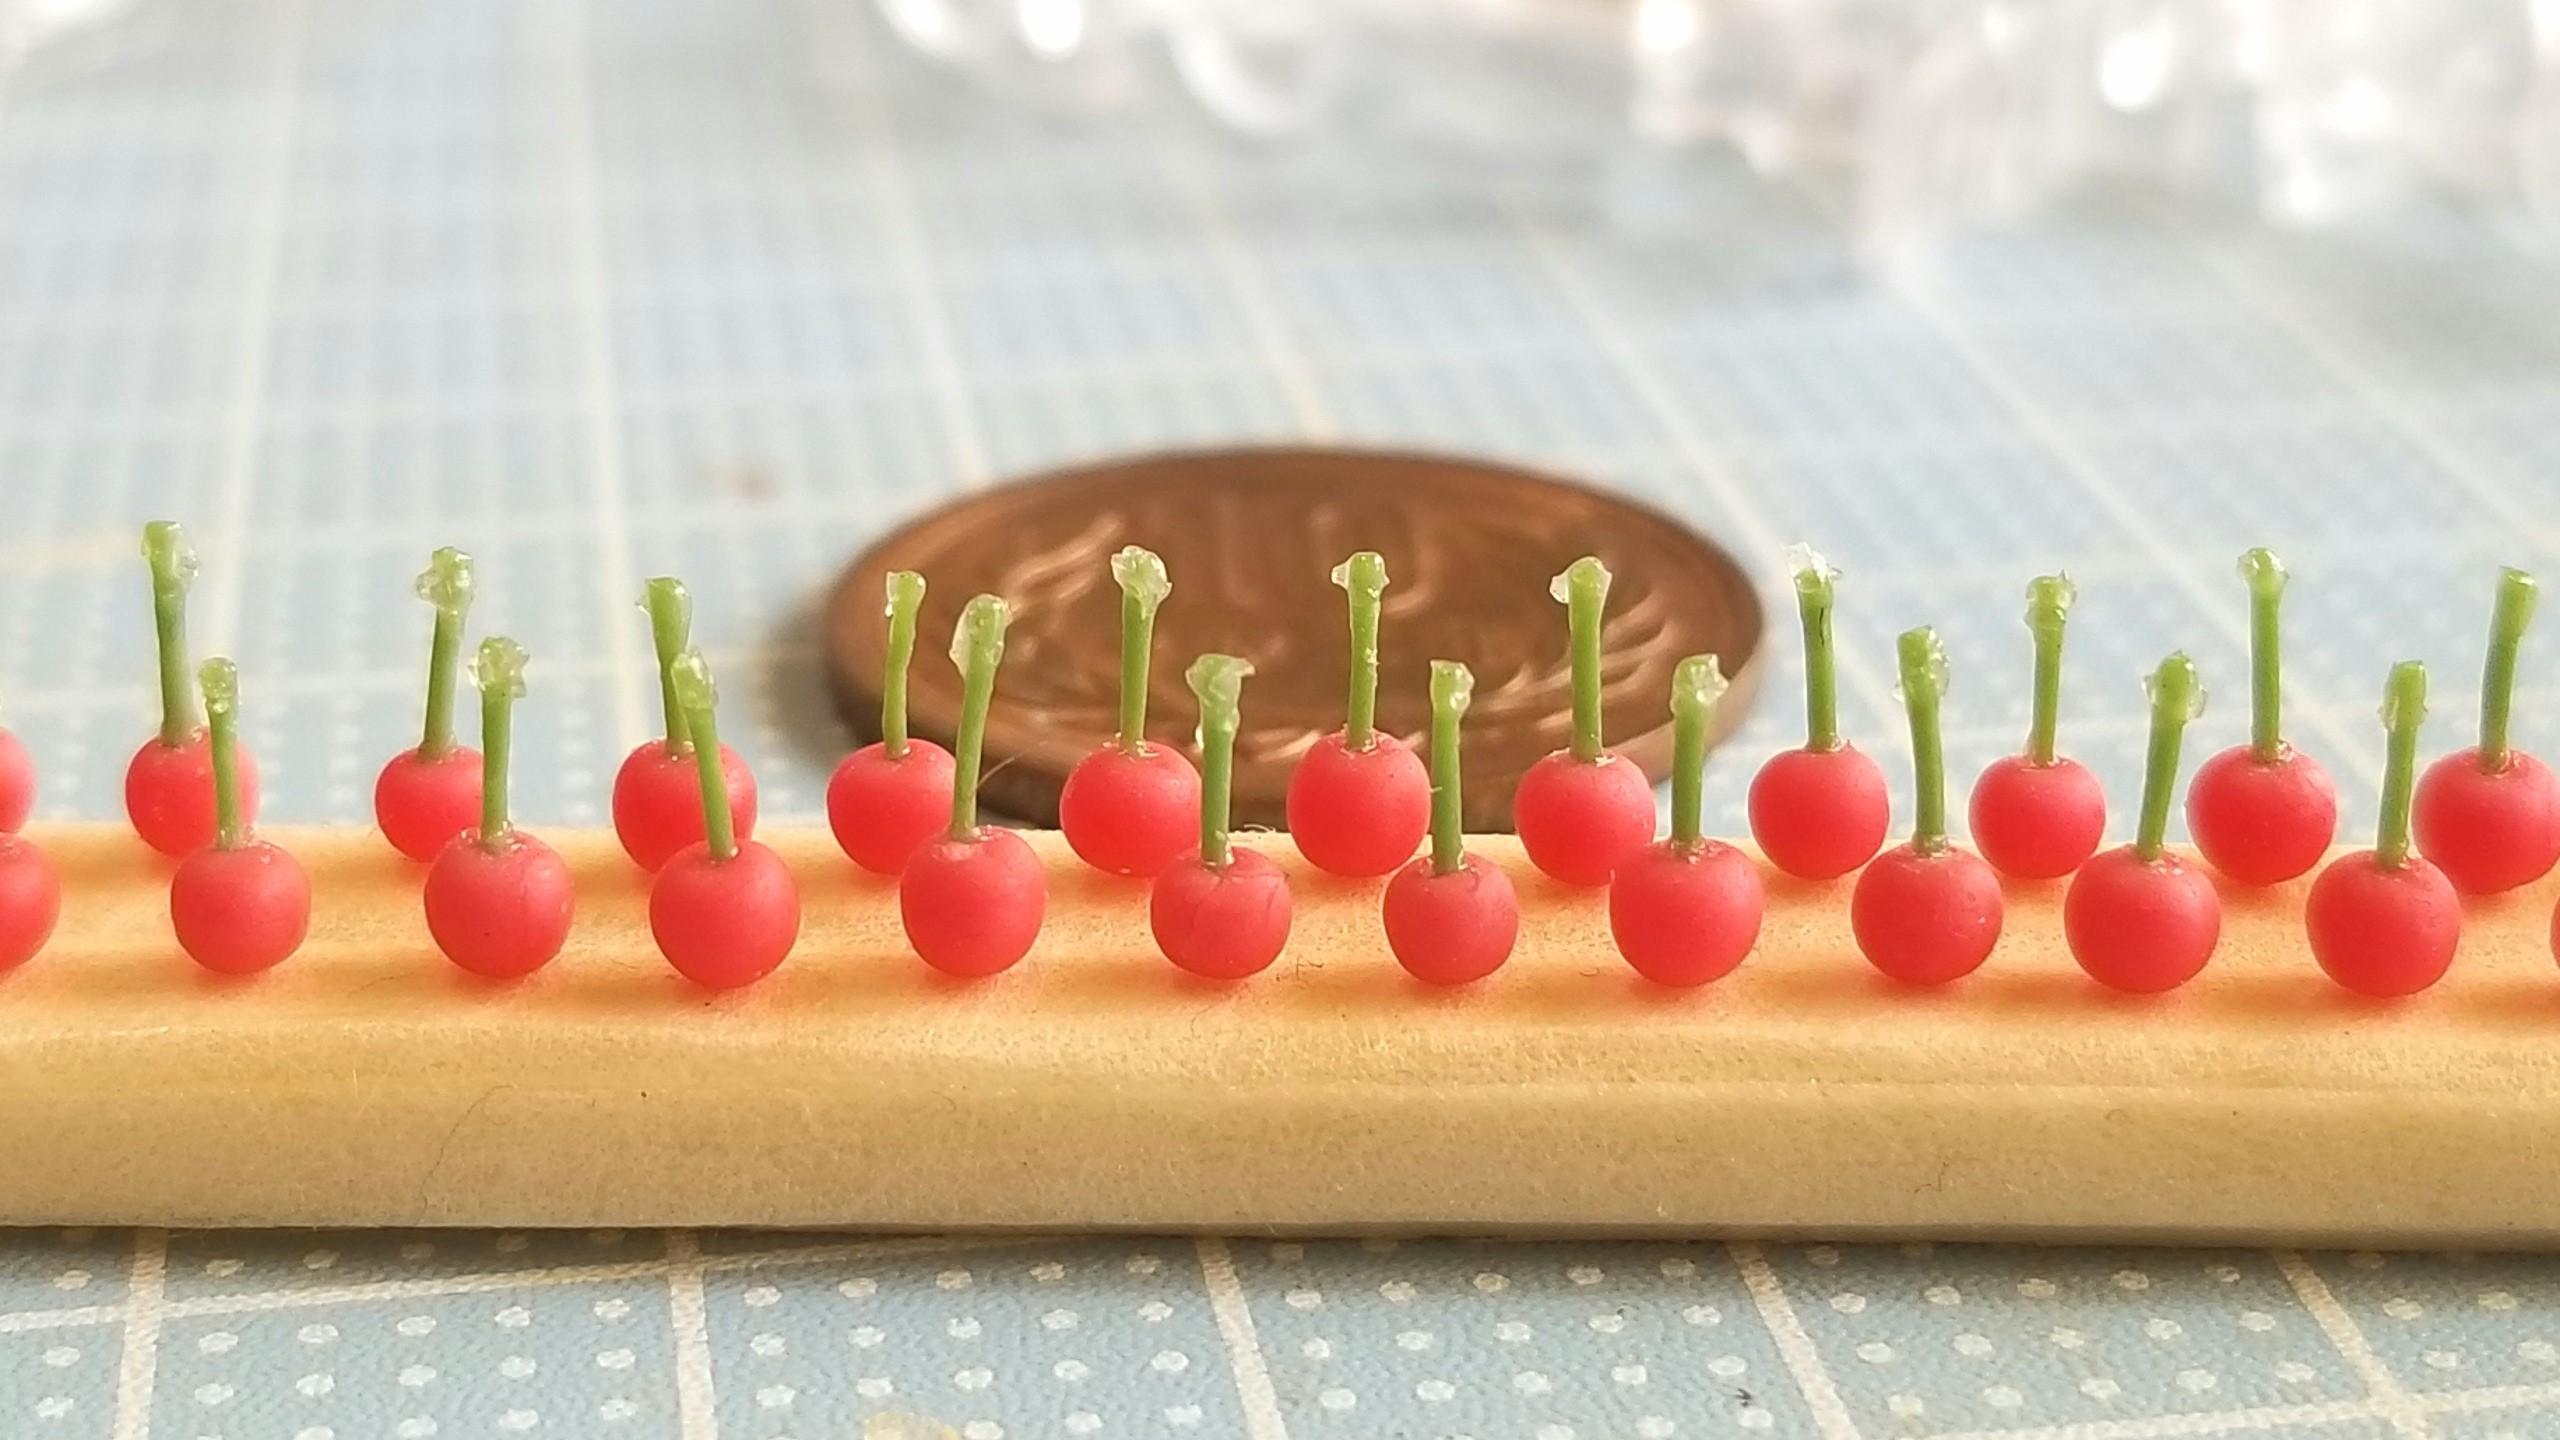 さくらんぼの作り方,ミニチュアフード,チェリー,フルーツ,フェイク